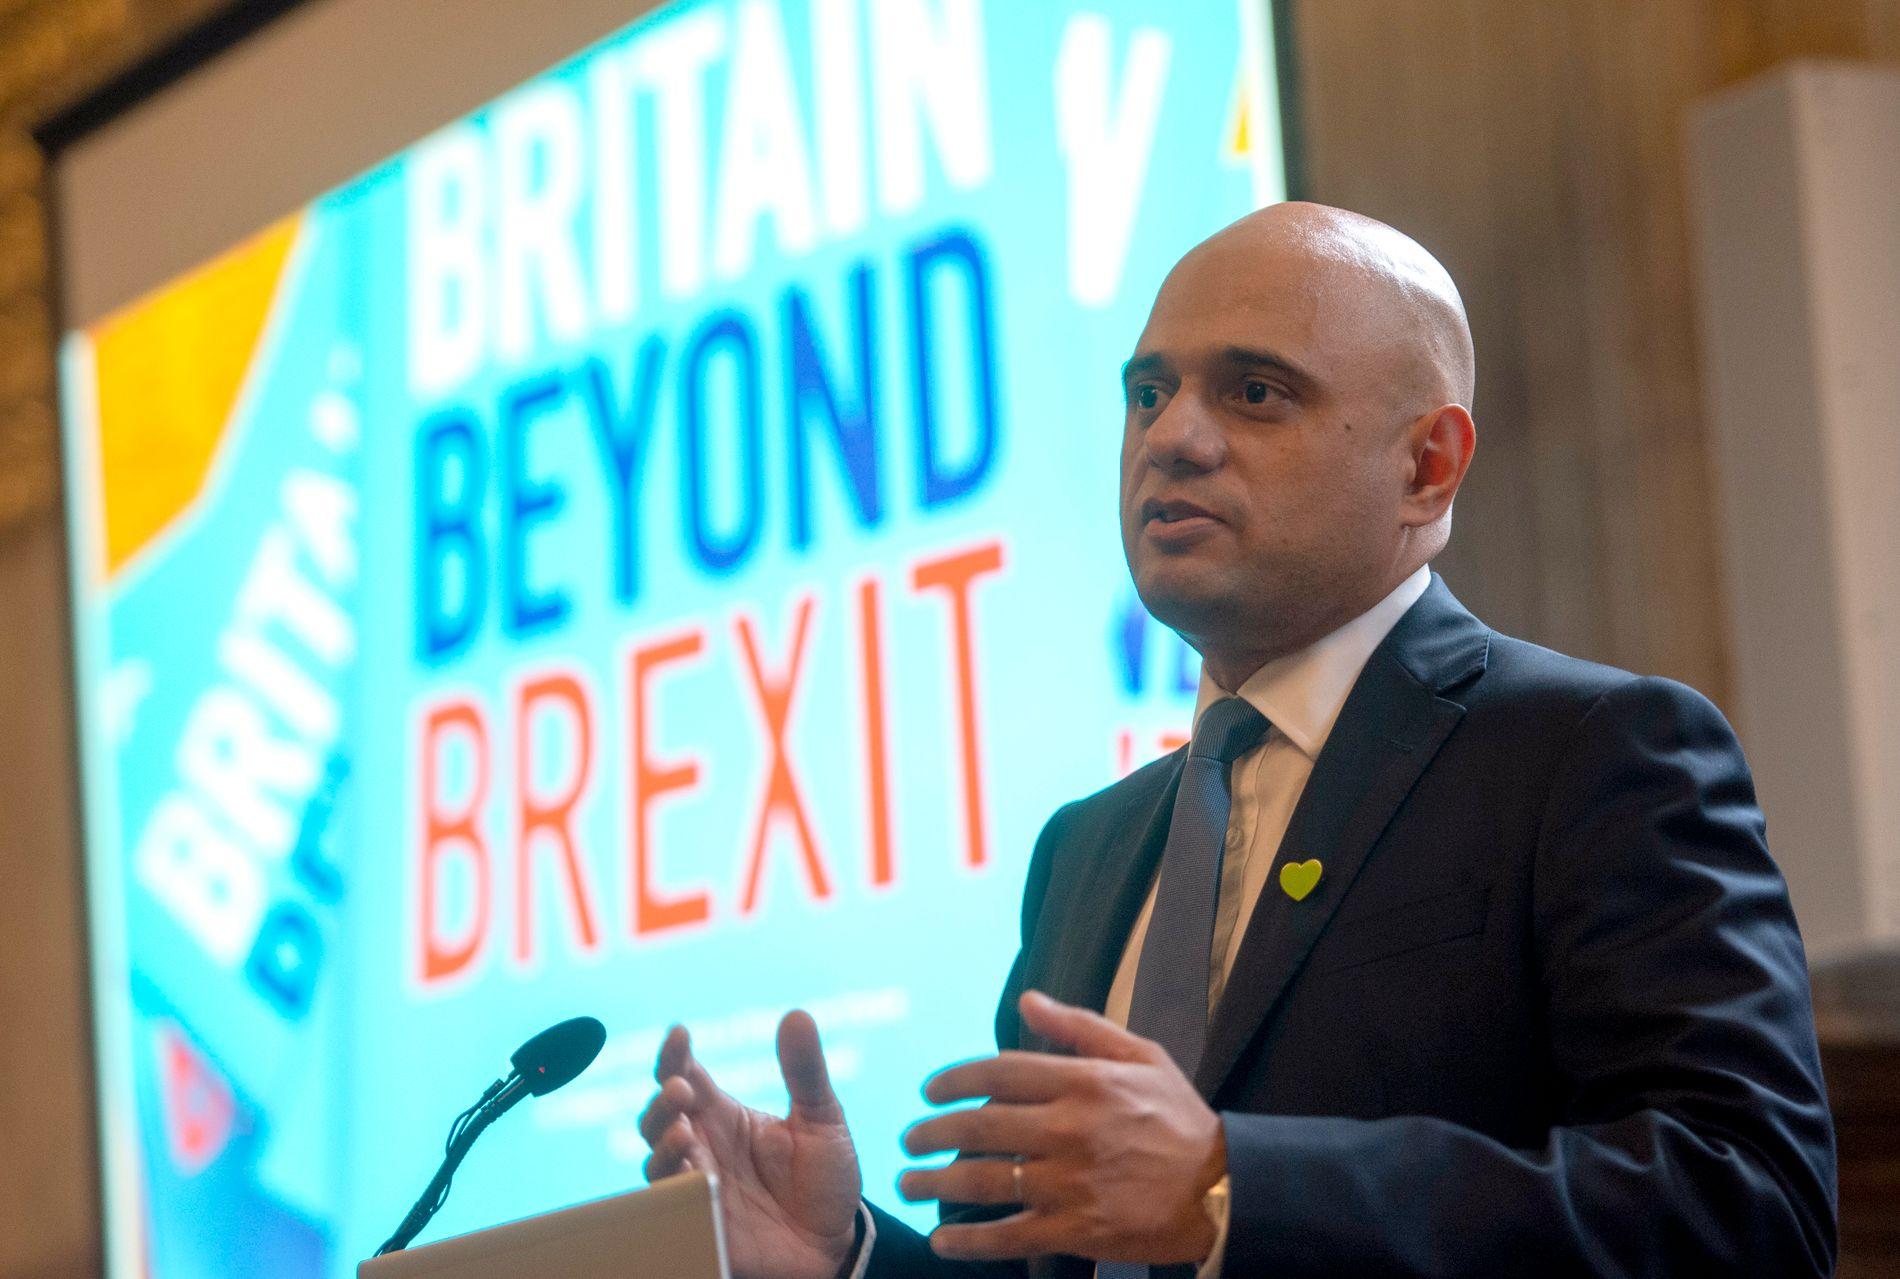 KANDIDAT: Sajid Javid er en av ti kandidater som vil bli britenes neste statsminister